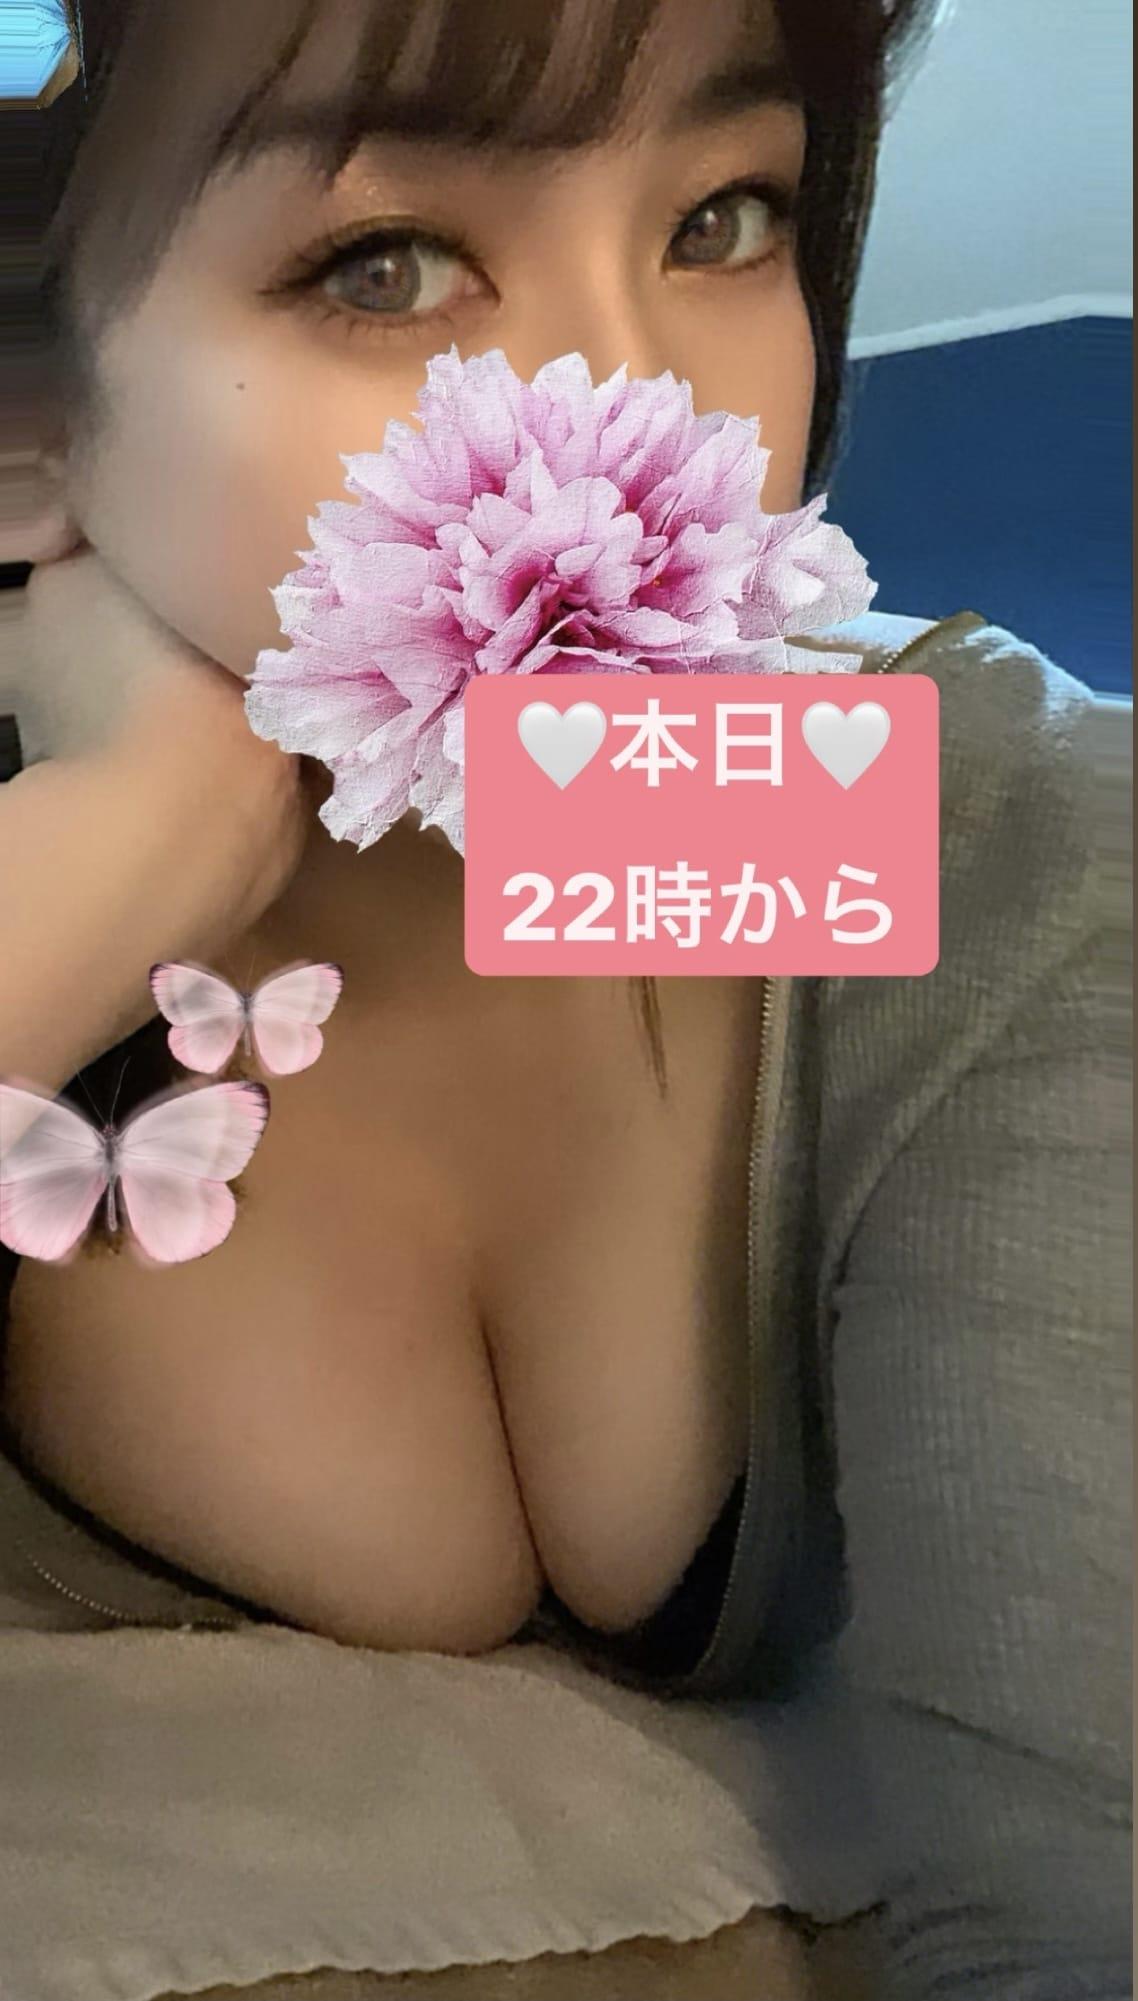 「今日は22時から!!」09/25(土) 20:21   さつきの写メ